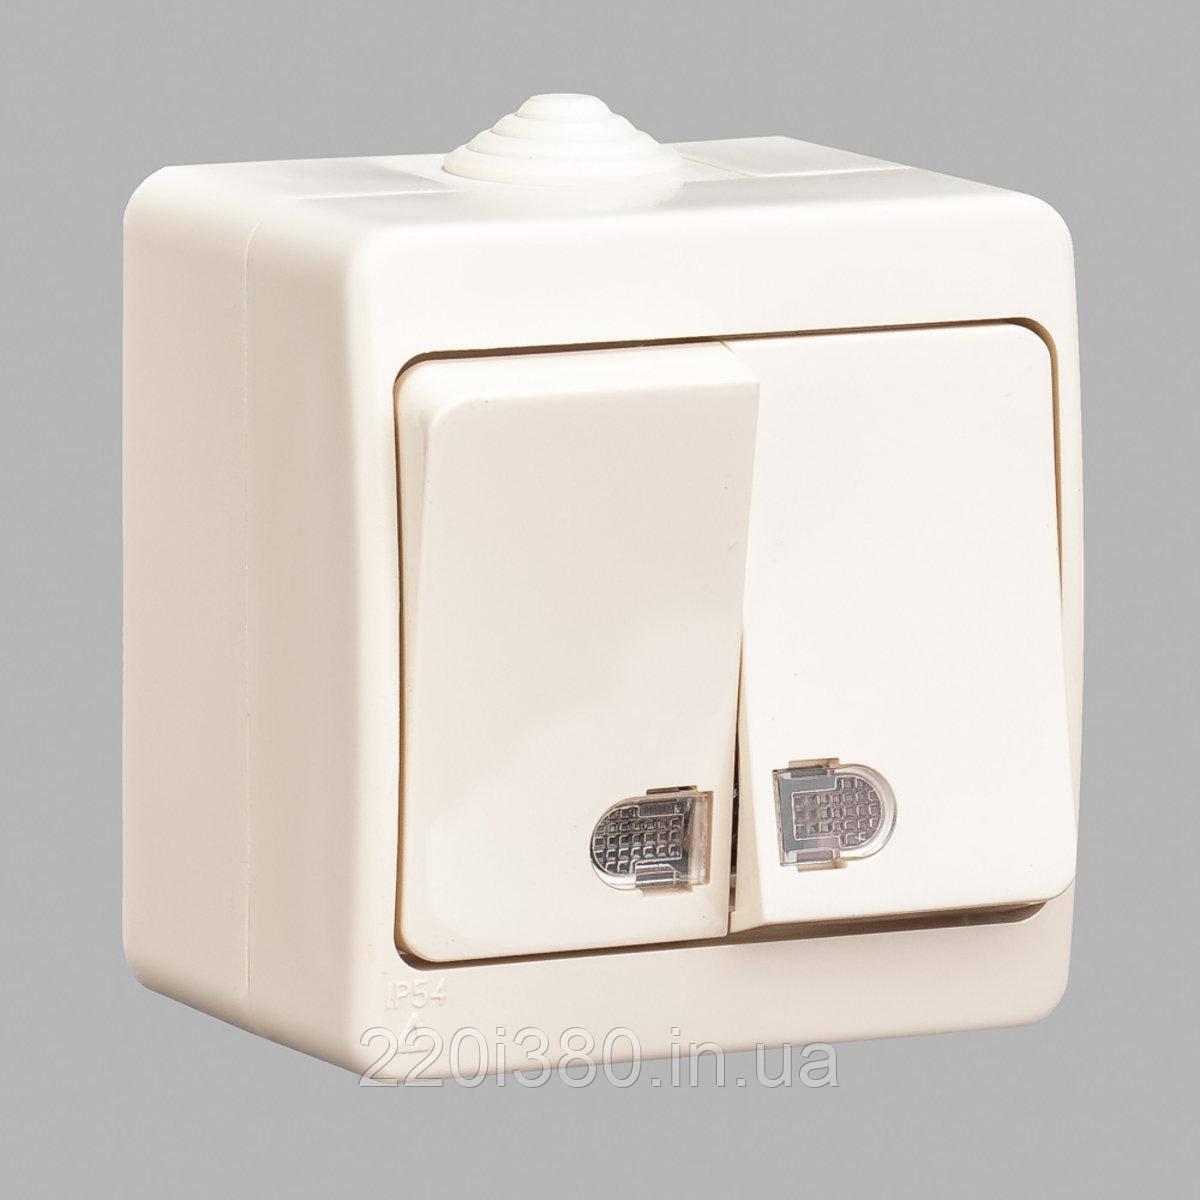 Nemli выключатель 2-ой с подсветкой влагозащищенный кремовый